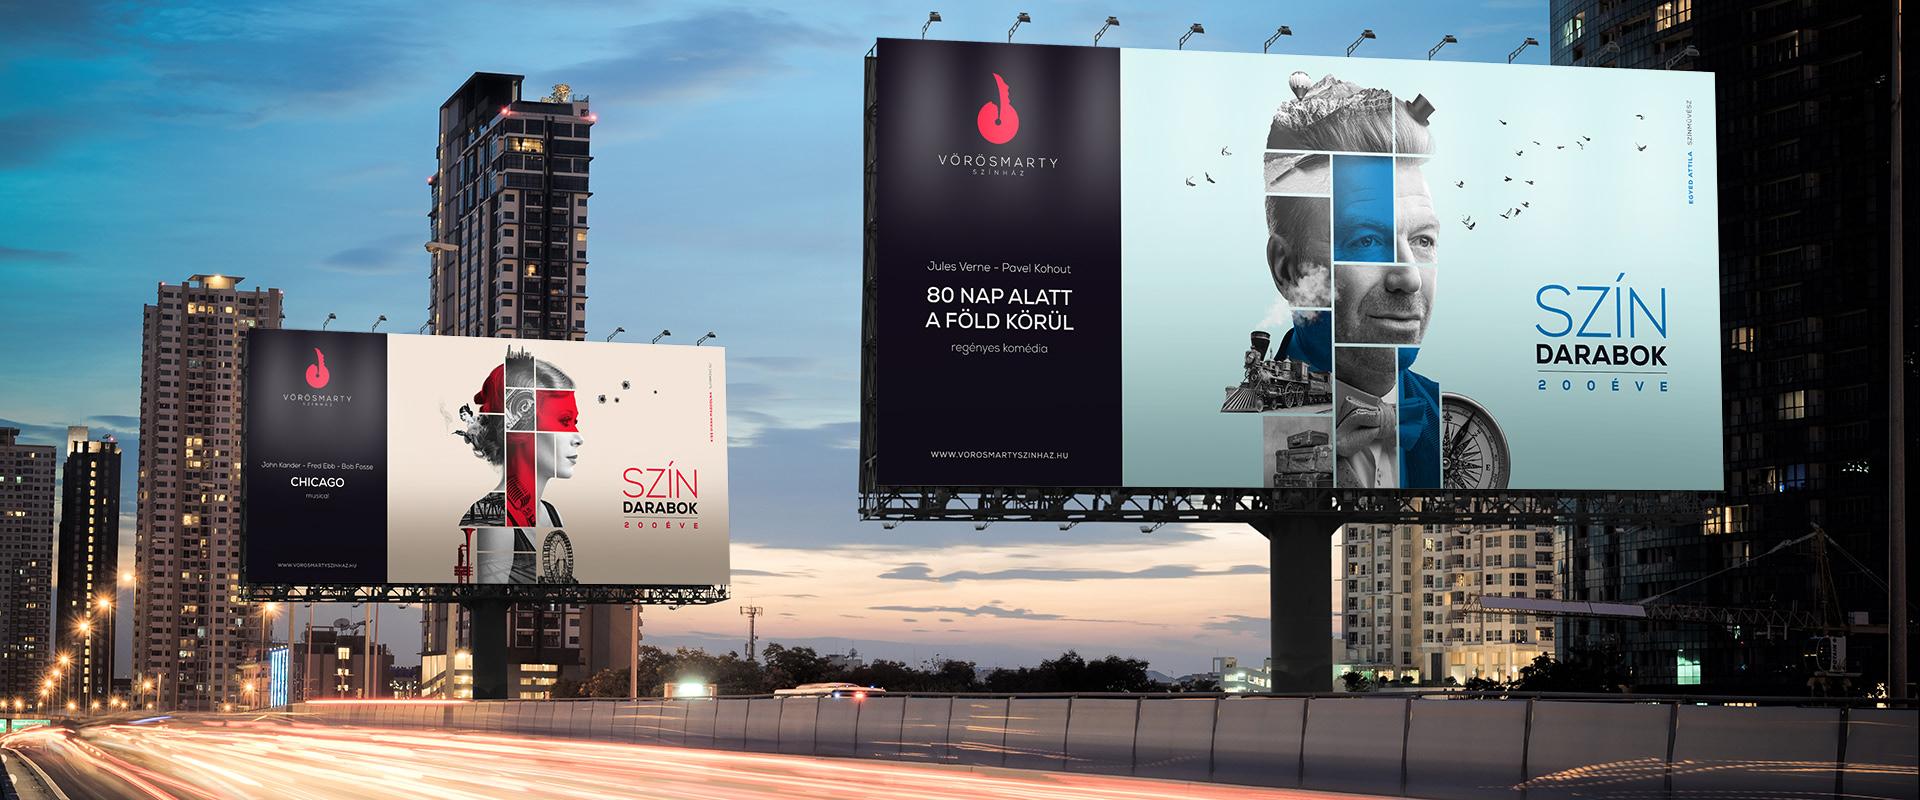 Vörösmarty Színház kampánytervezés